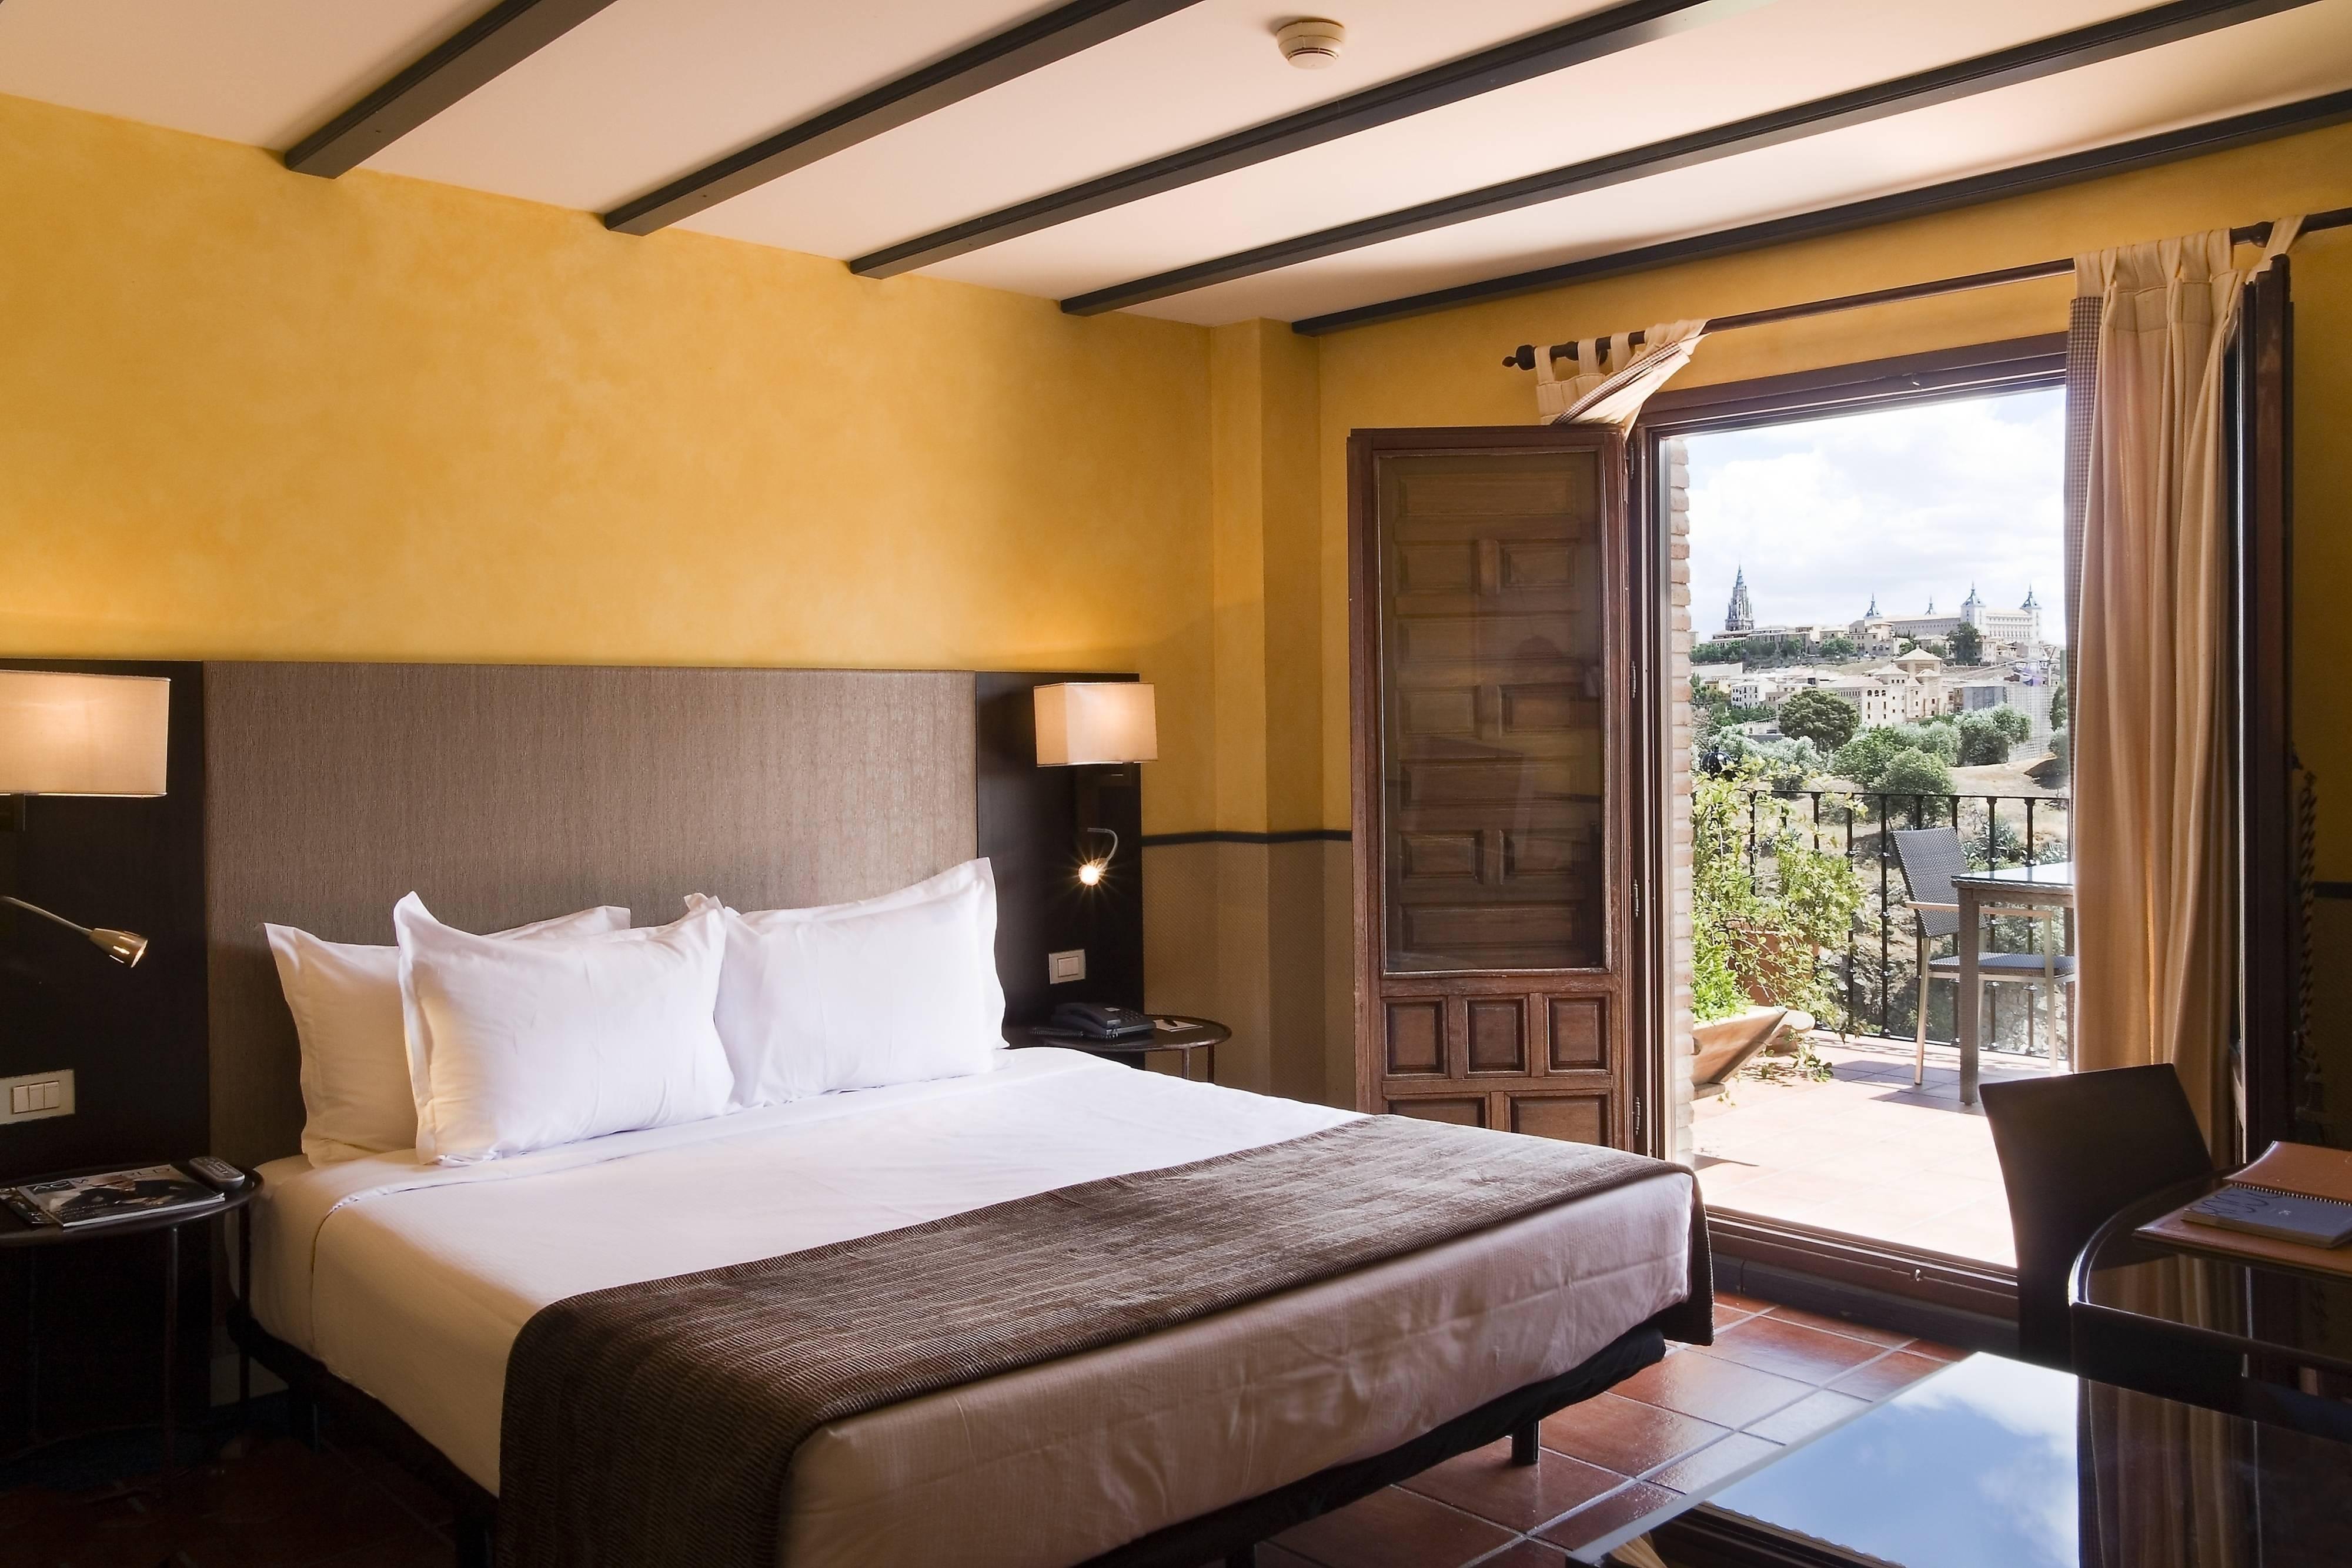 Habitaciones superiores en hotel de Toledo